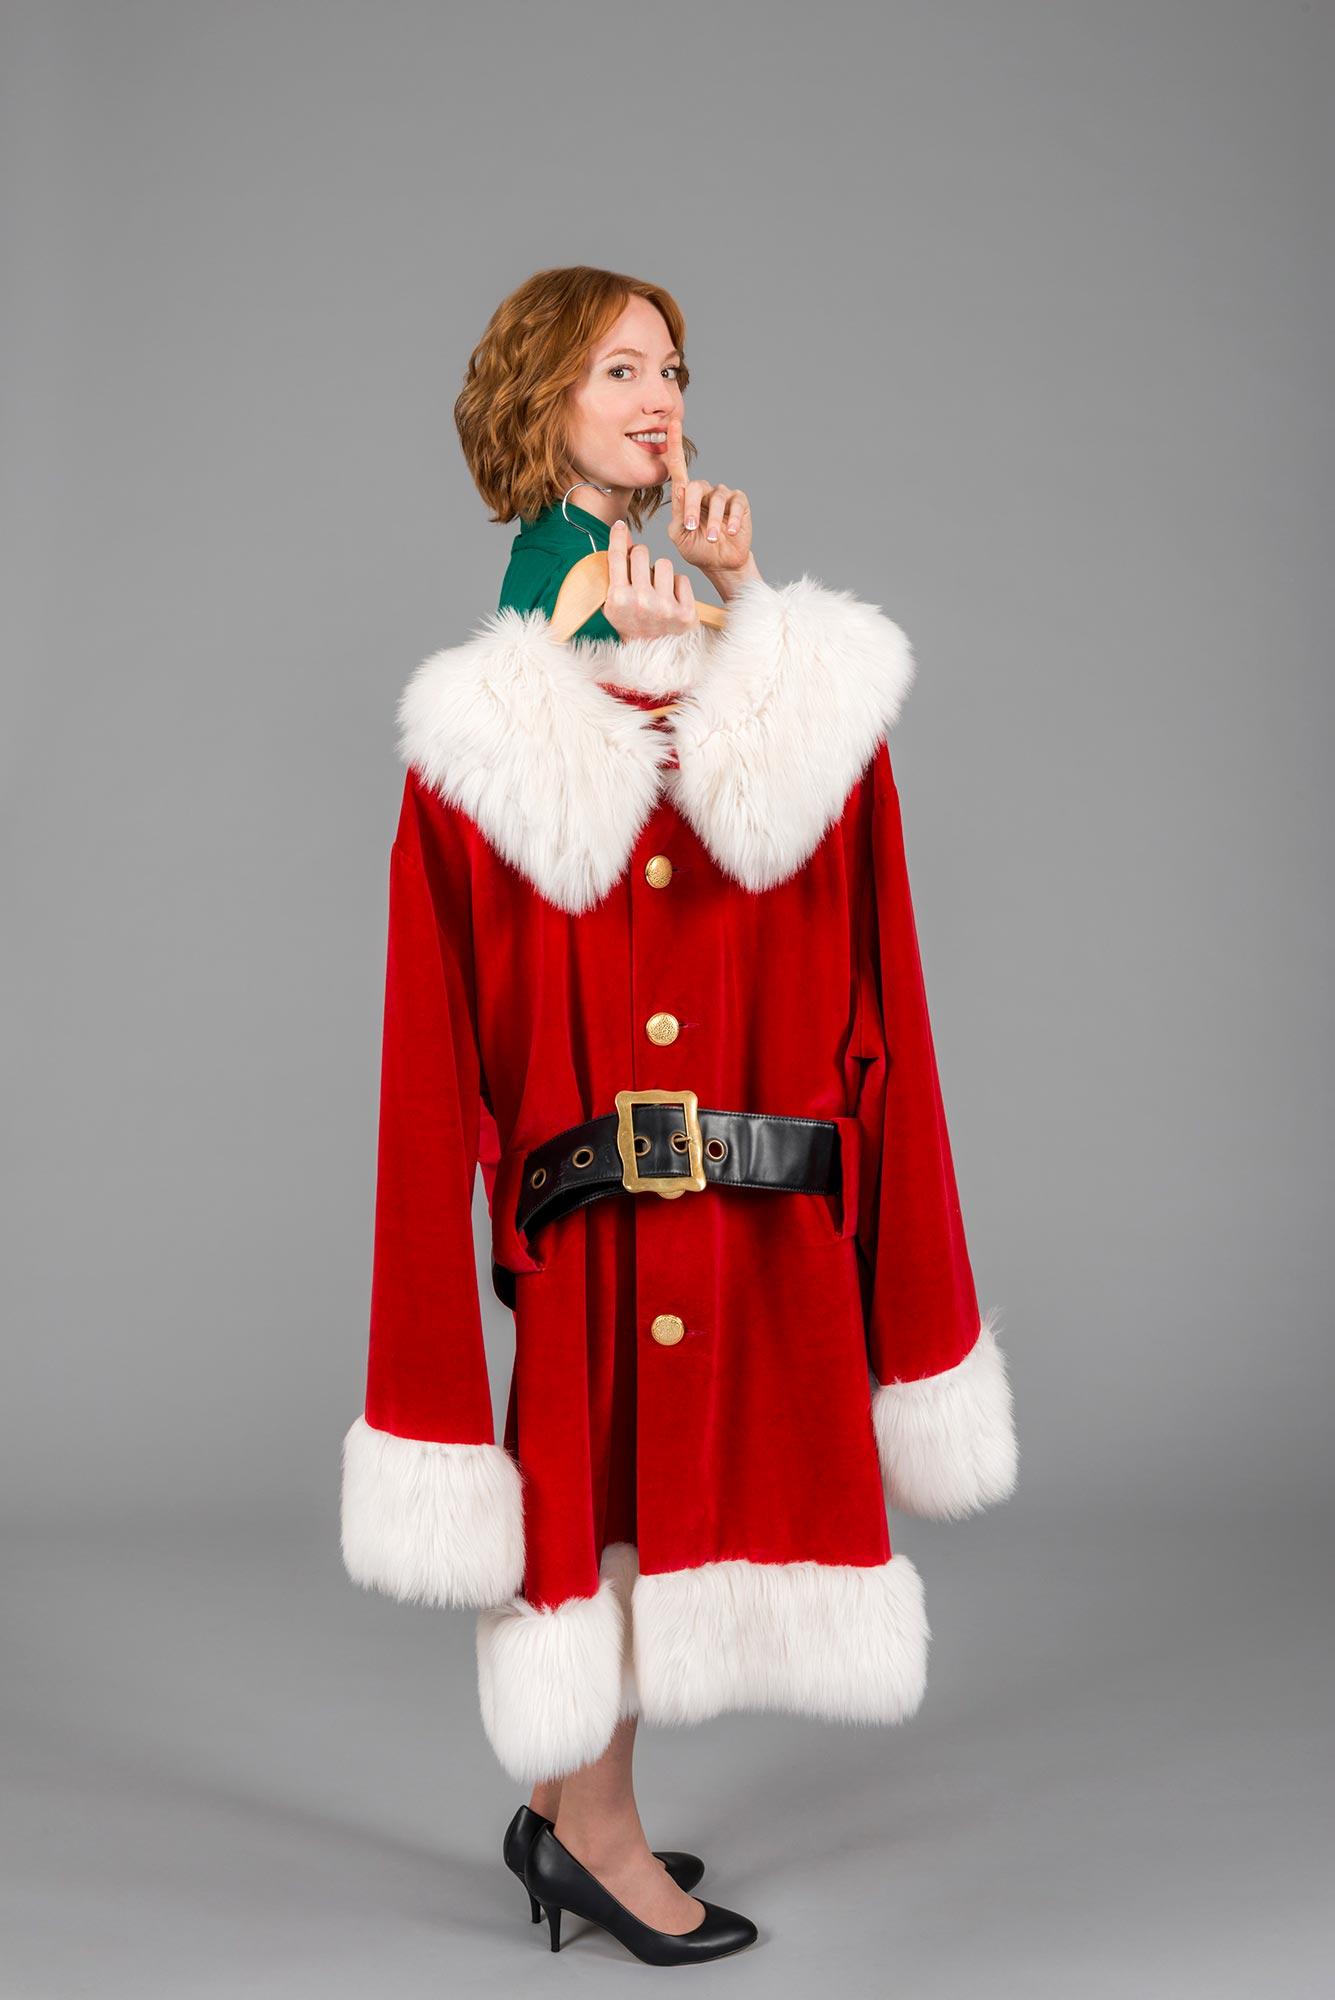 Alicia Witt - 'Christmas at Cartwright's' Promo Stills